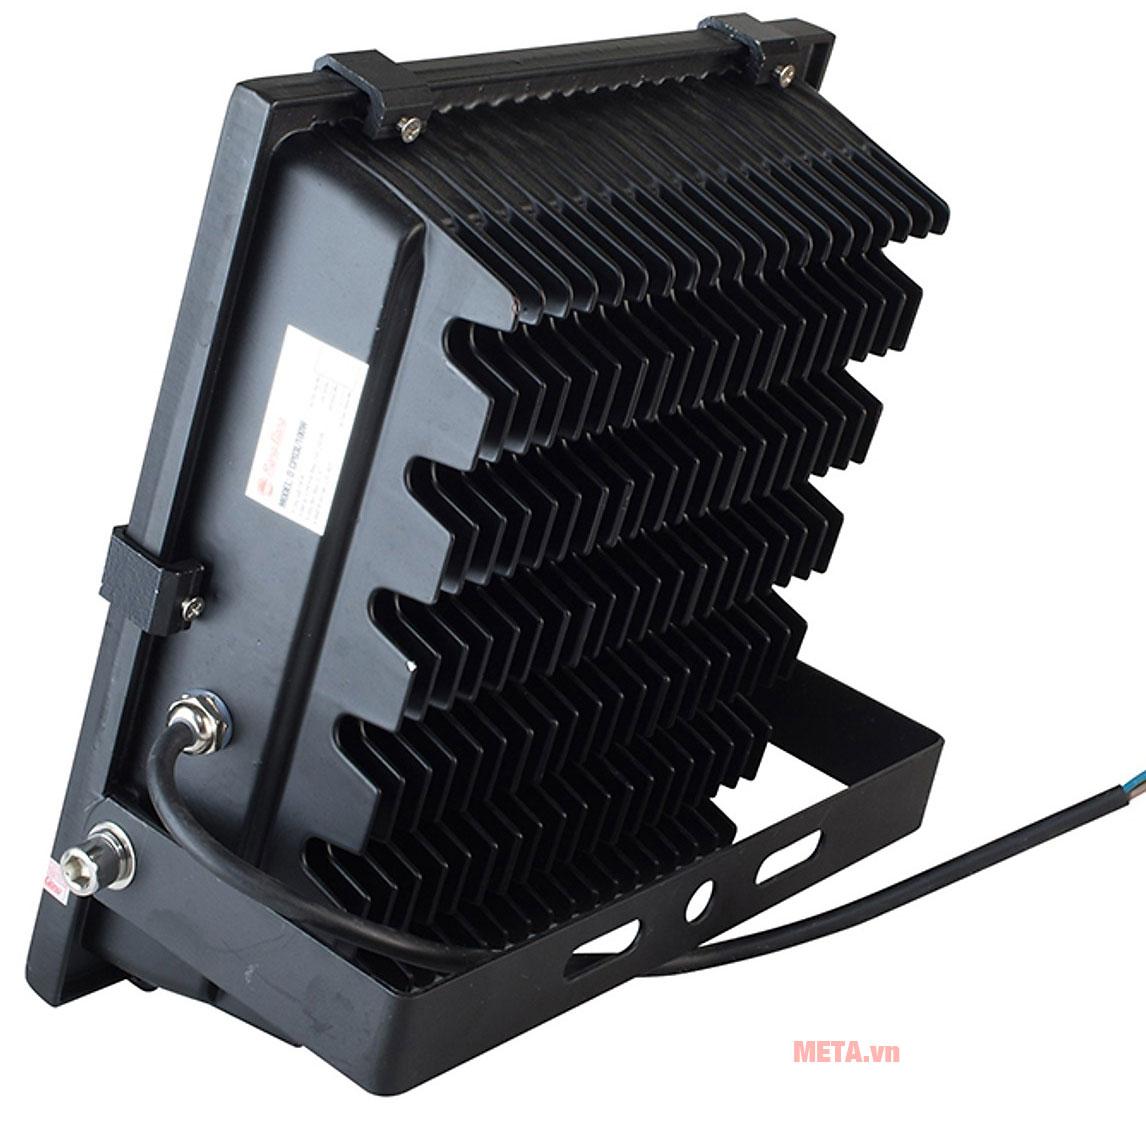 Đèn LED chiếu pha 50W Rạng Đông D CP 03L/50W cho ánh sáng chân thực, tự nhiên